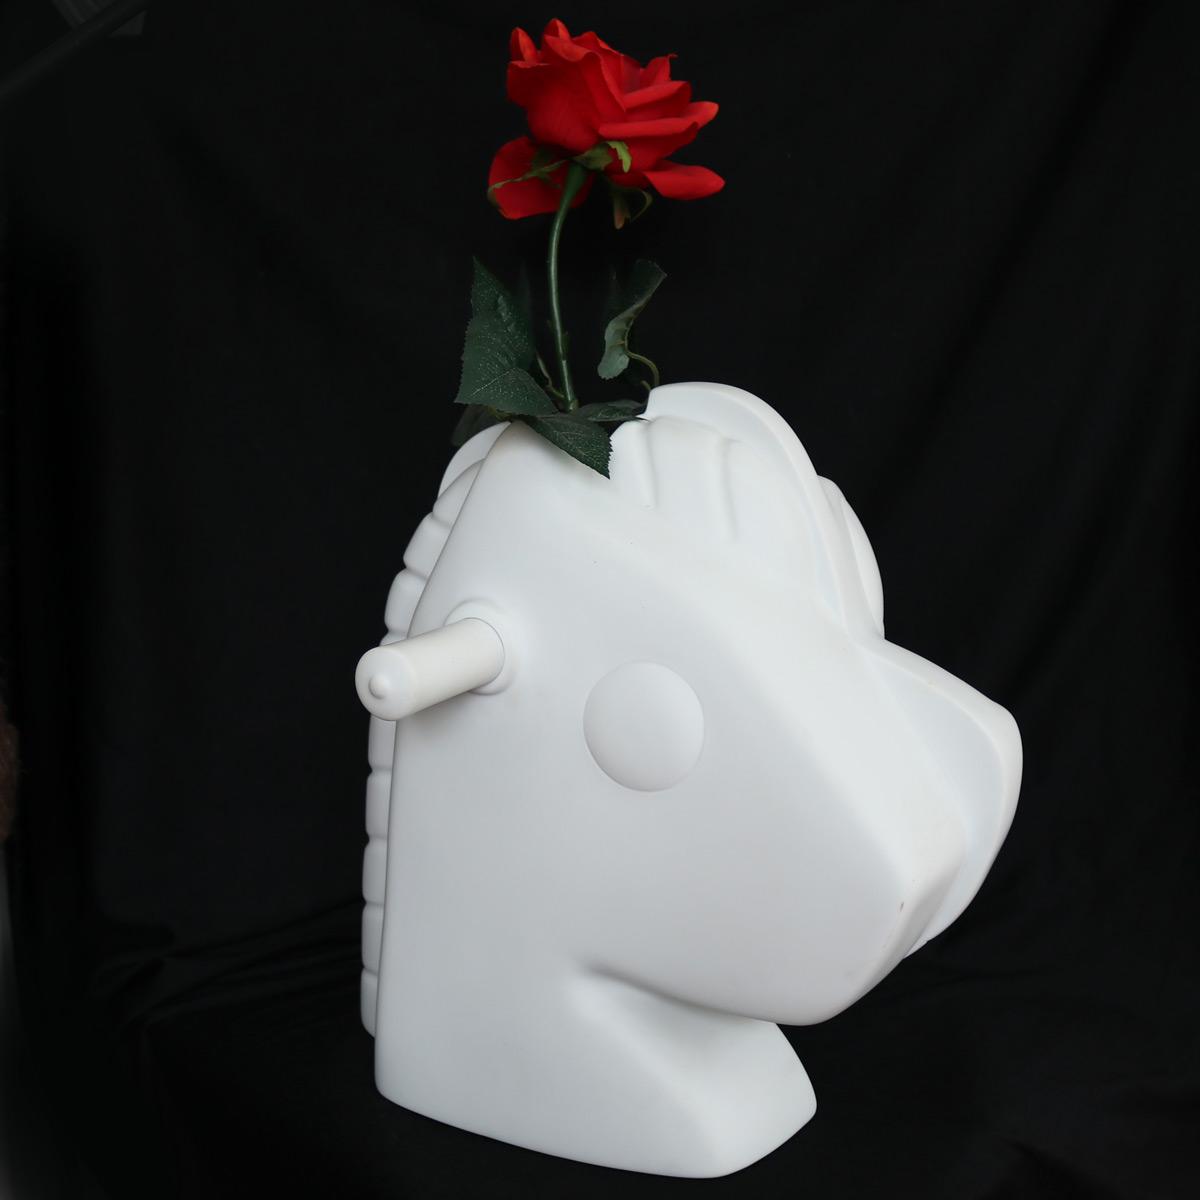 Jeff-Koons-Split-Rocker-Blumenvase